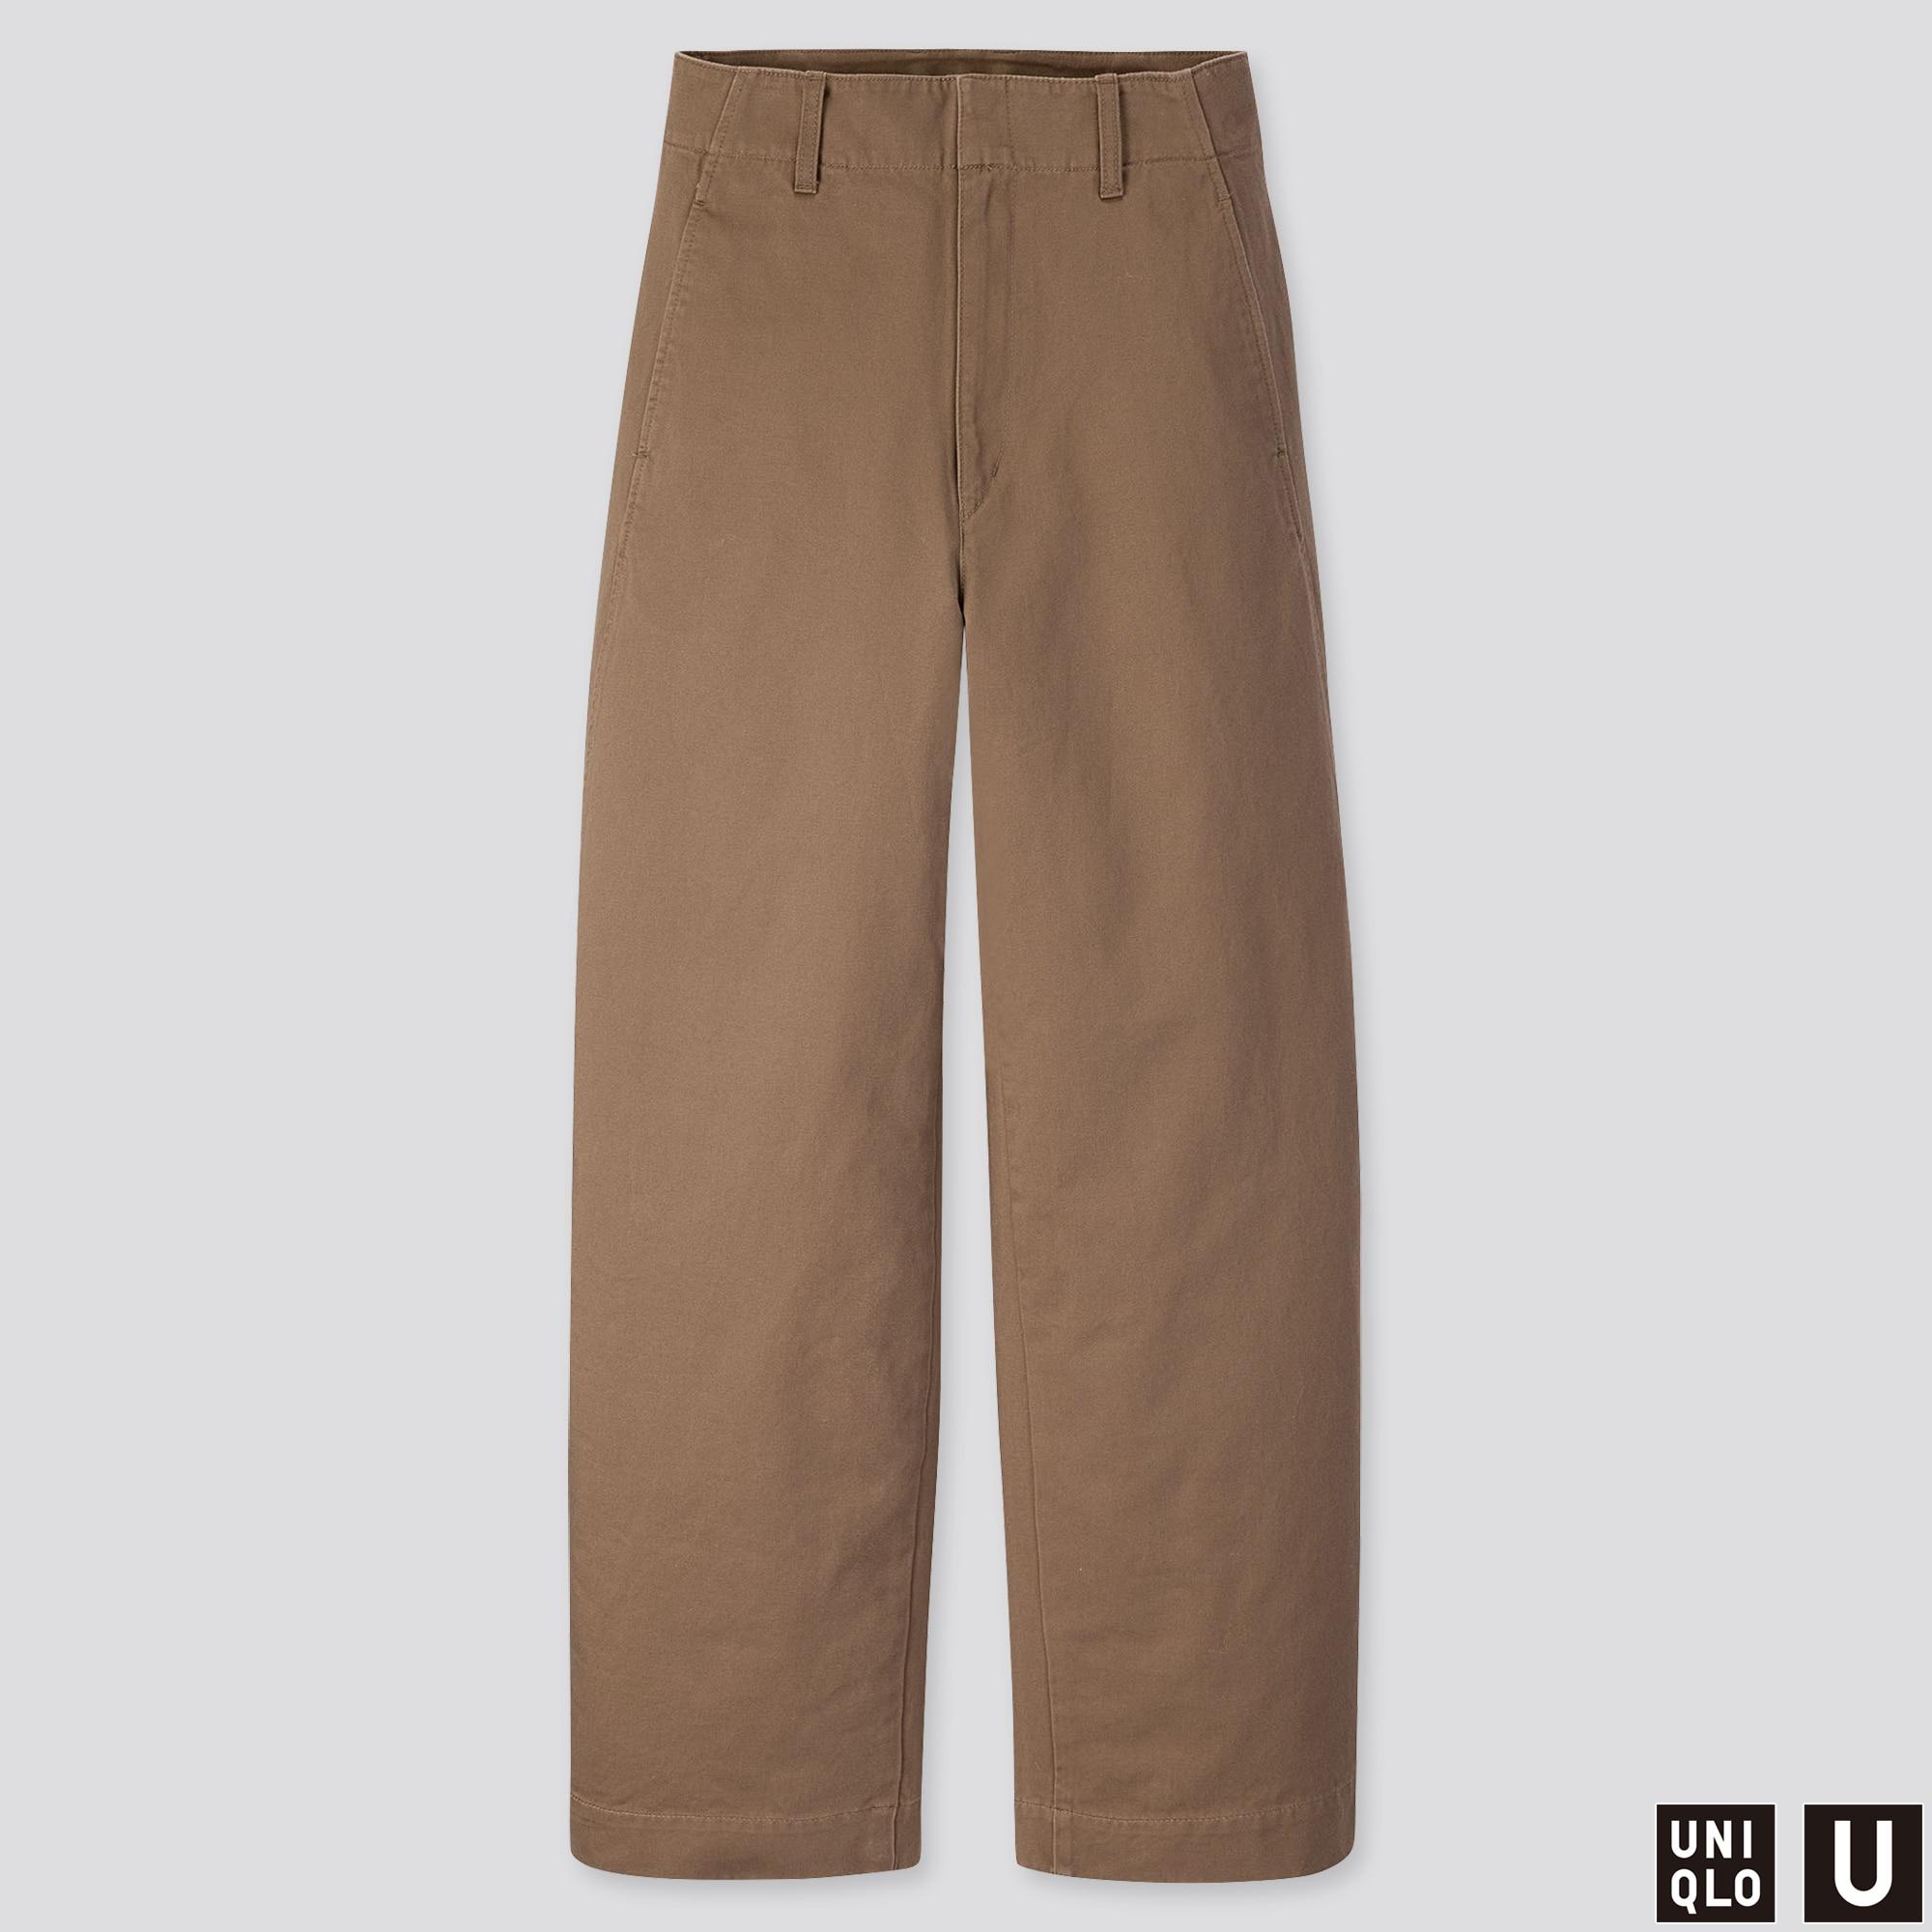 joggingPantalones Pantalones amplios de y mujerpolainas pantalones de ZikXuOP